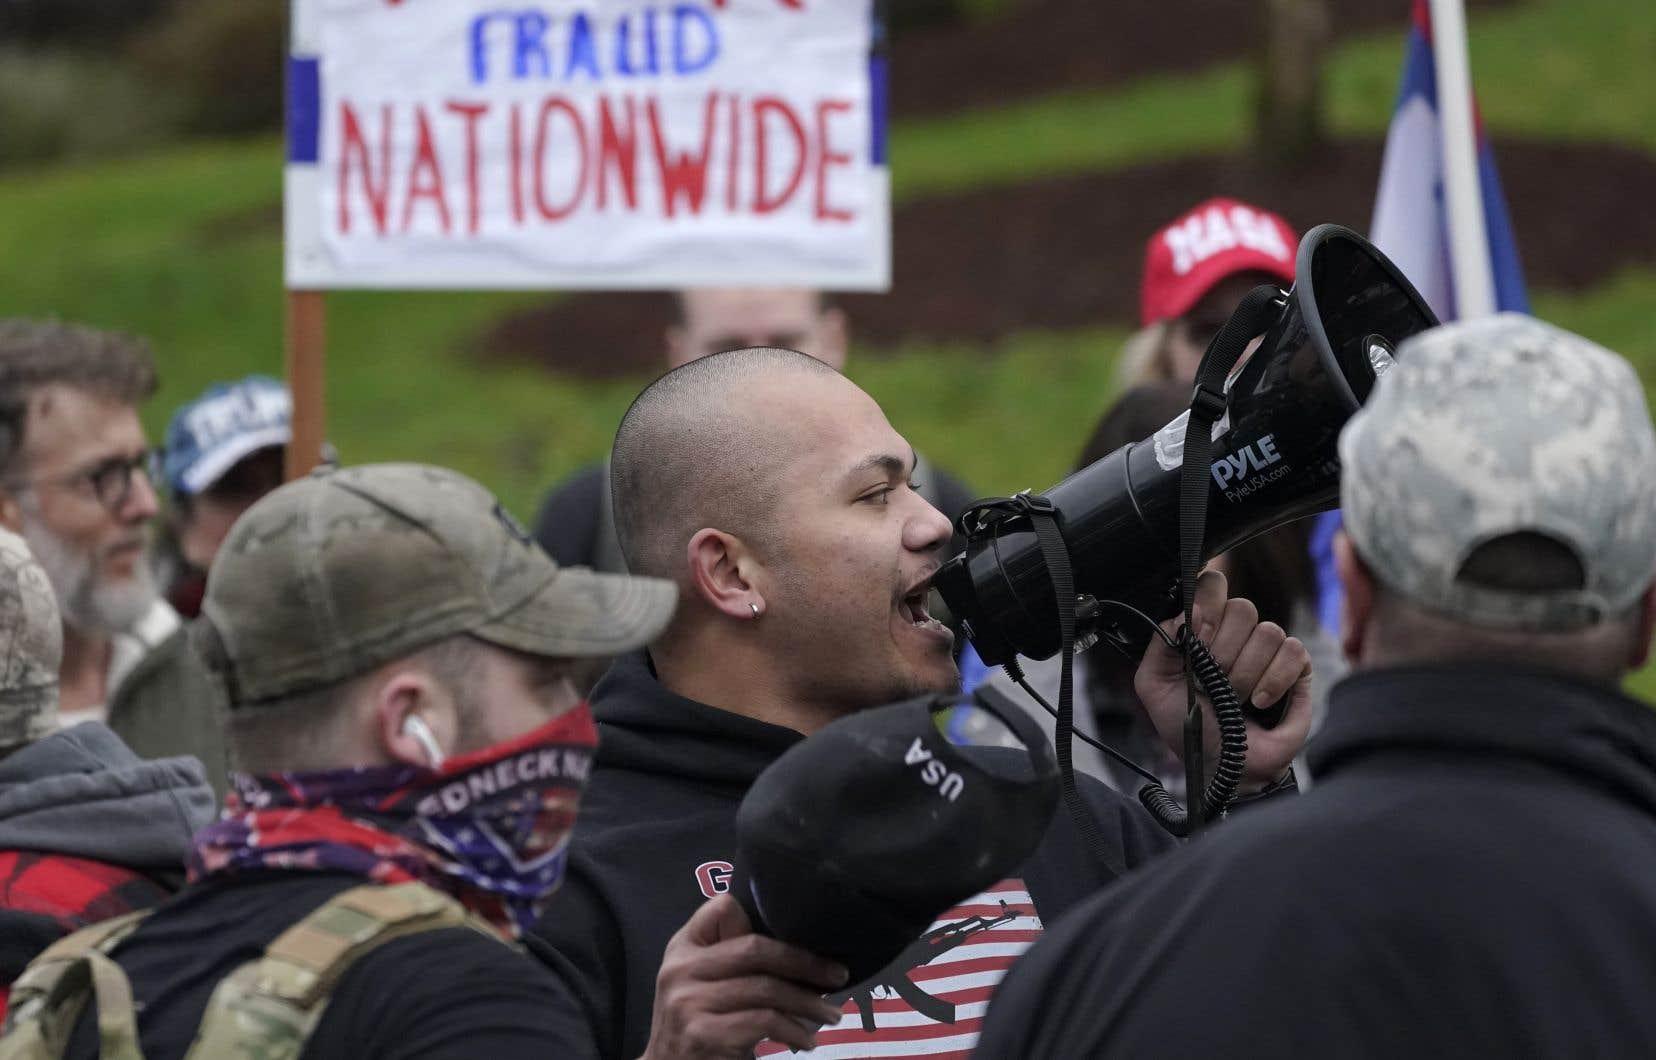 La nouvelle fait suite à l'assaut du Capitole, à Washington, la semaine dernière, dans lequel certains membres des Proud Boys auraient été impliqués.